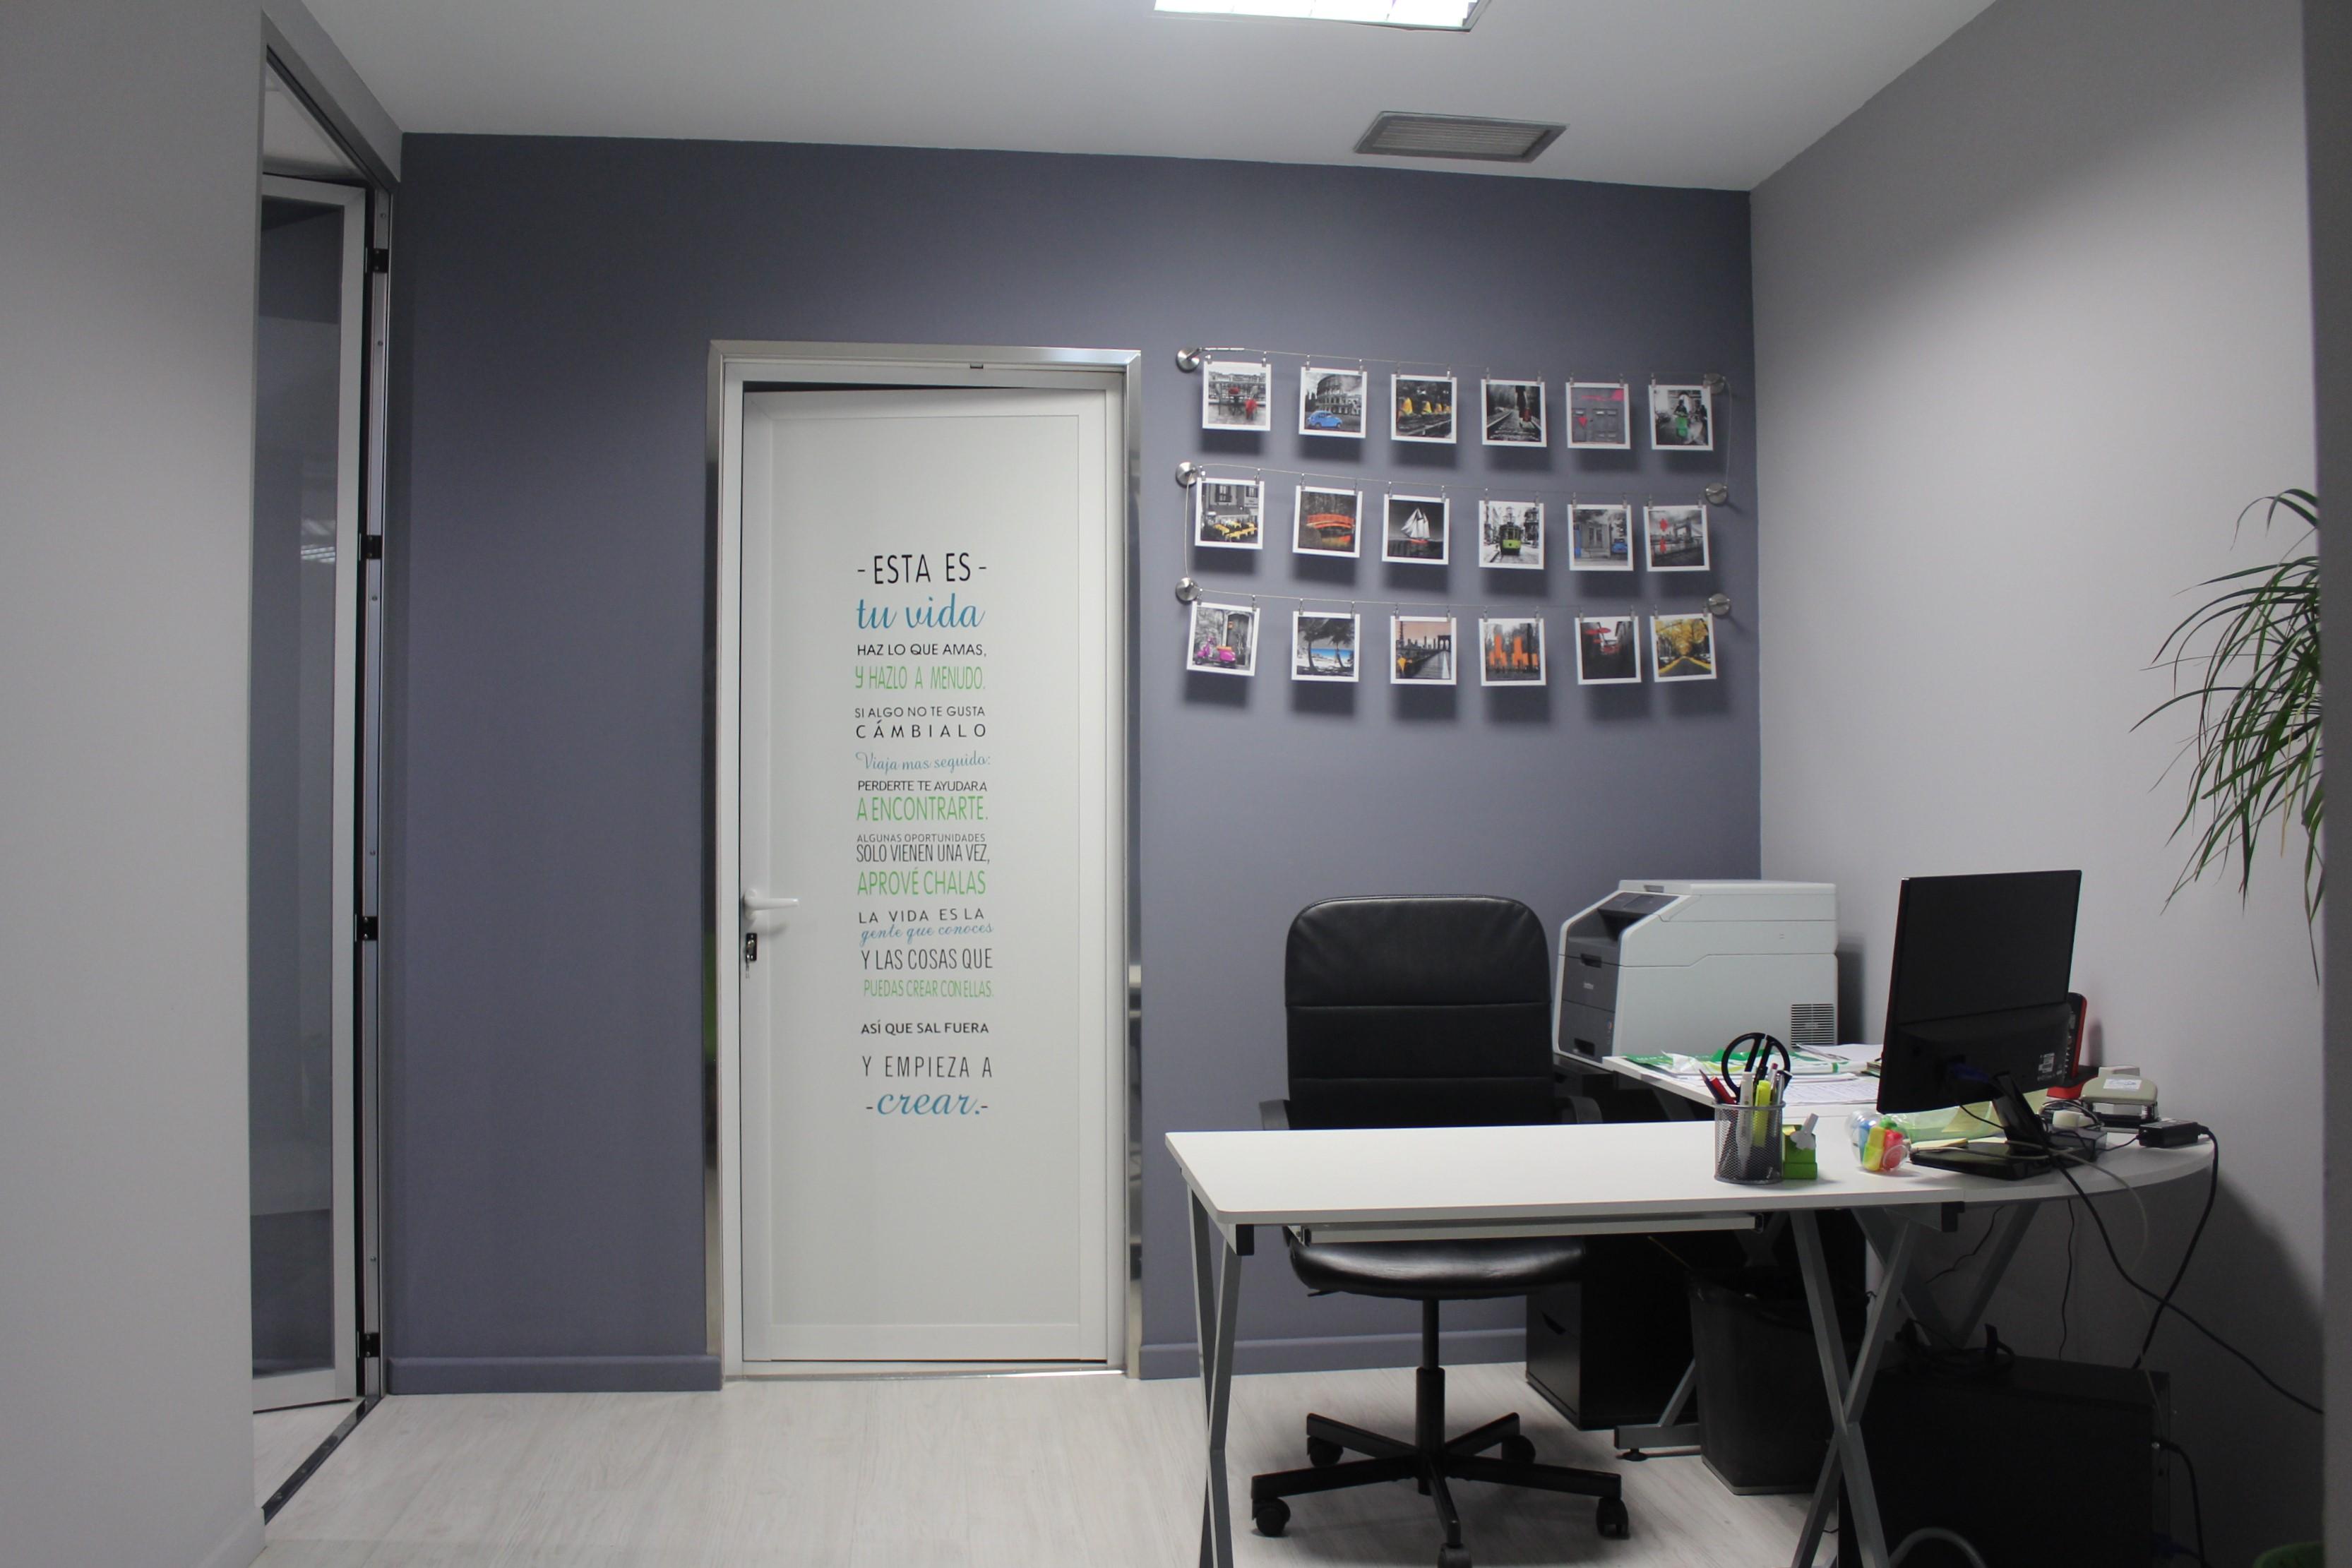 IMG 0042 - Nuestras Instalaciones